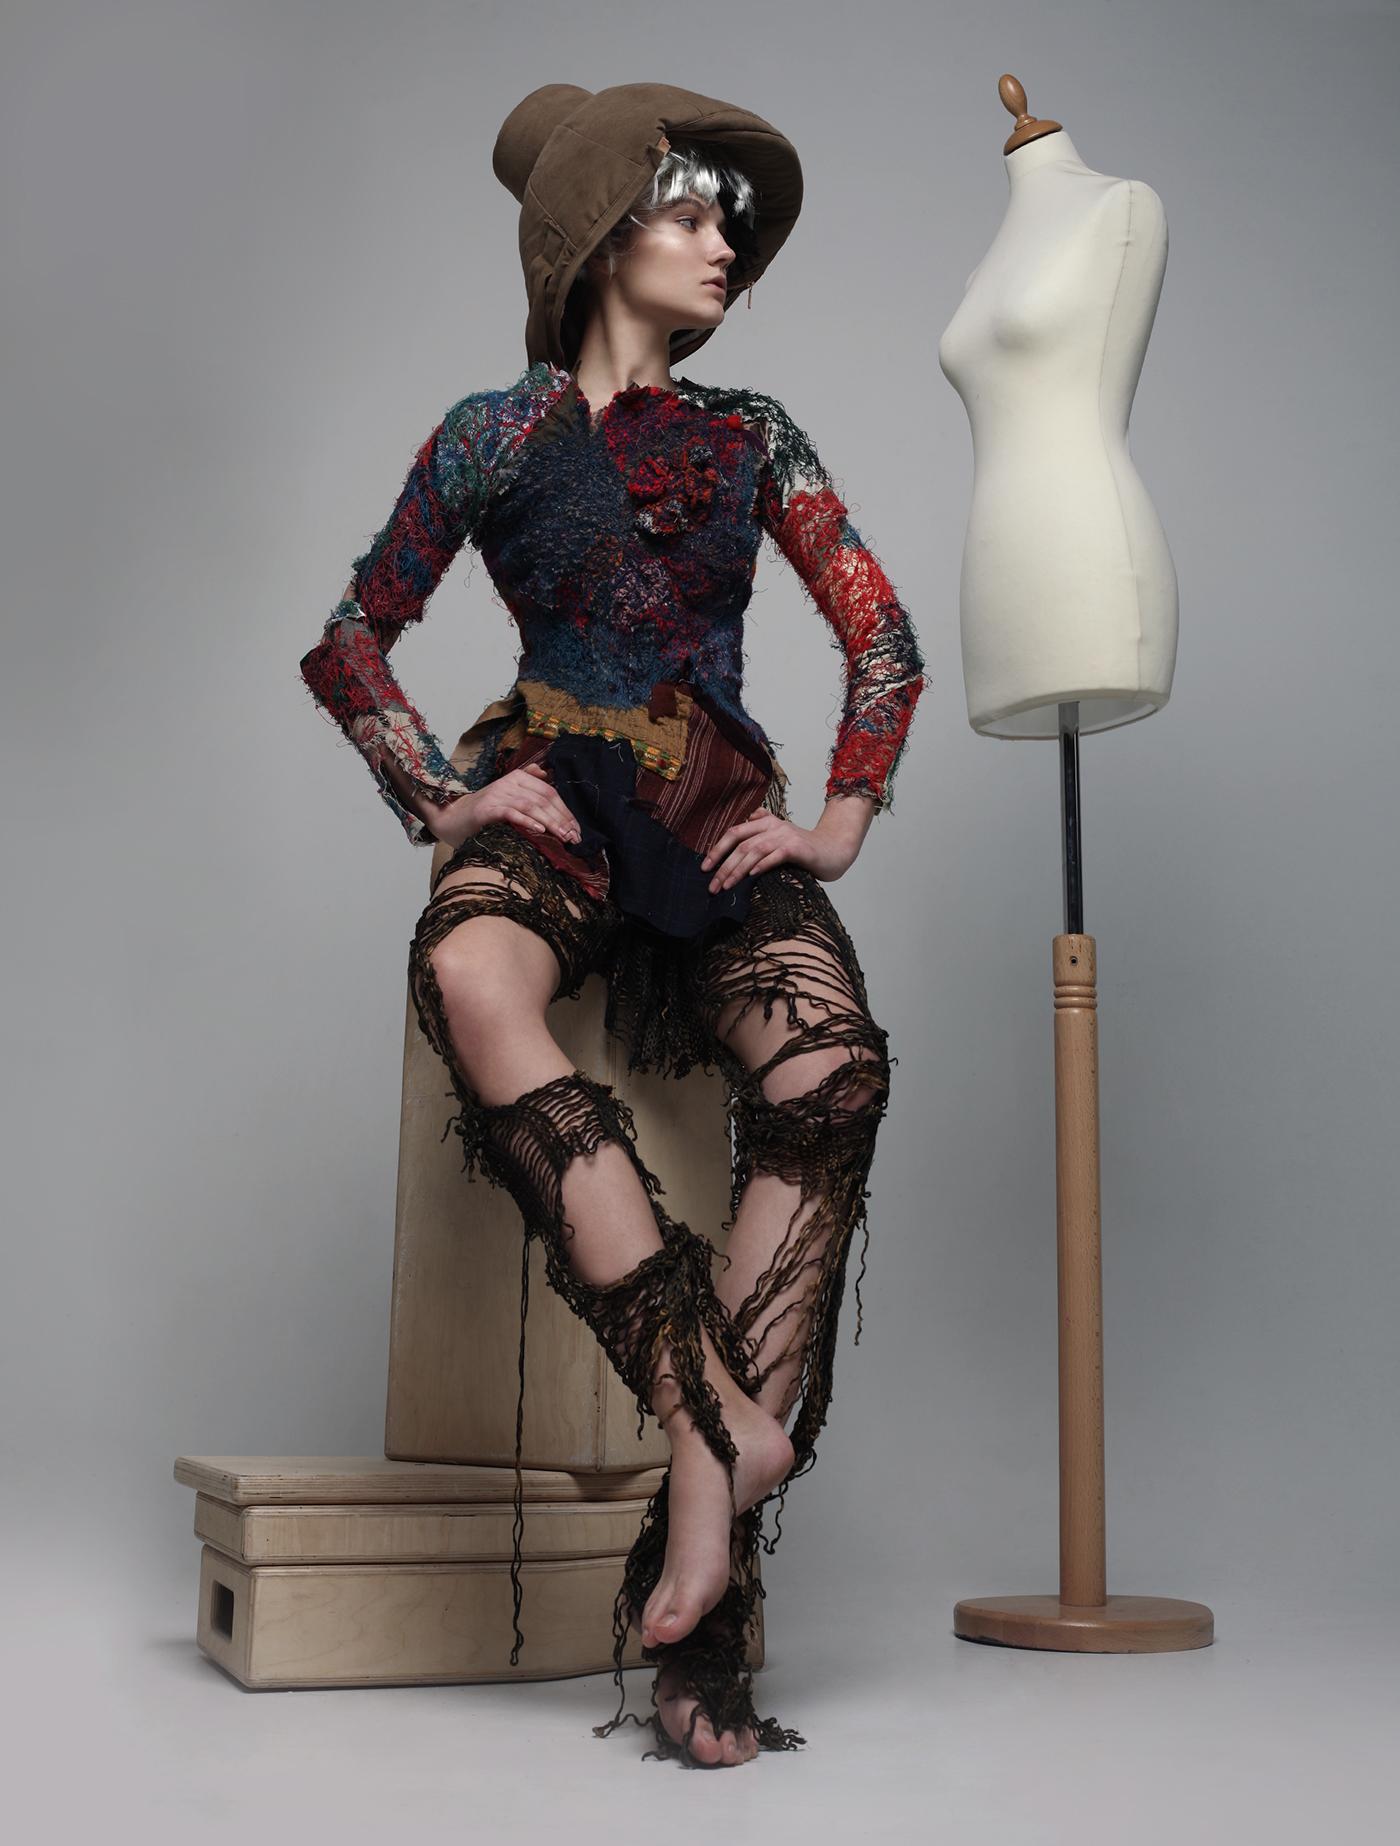 Модная история Haute Couture / фото Tali Rutman